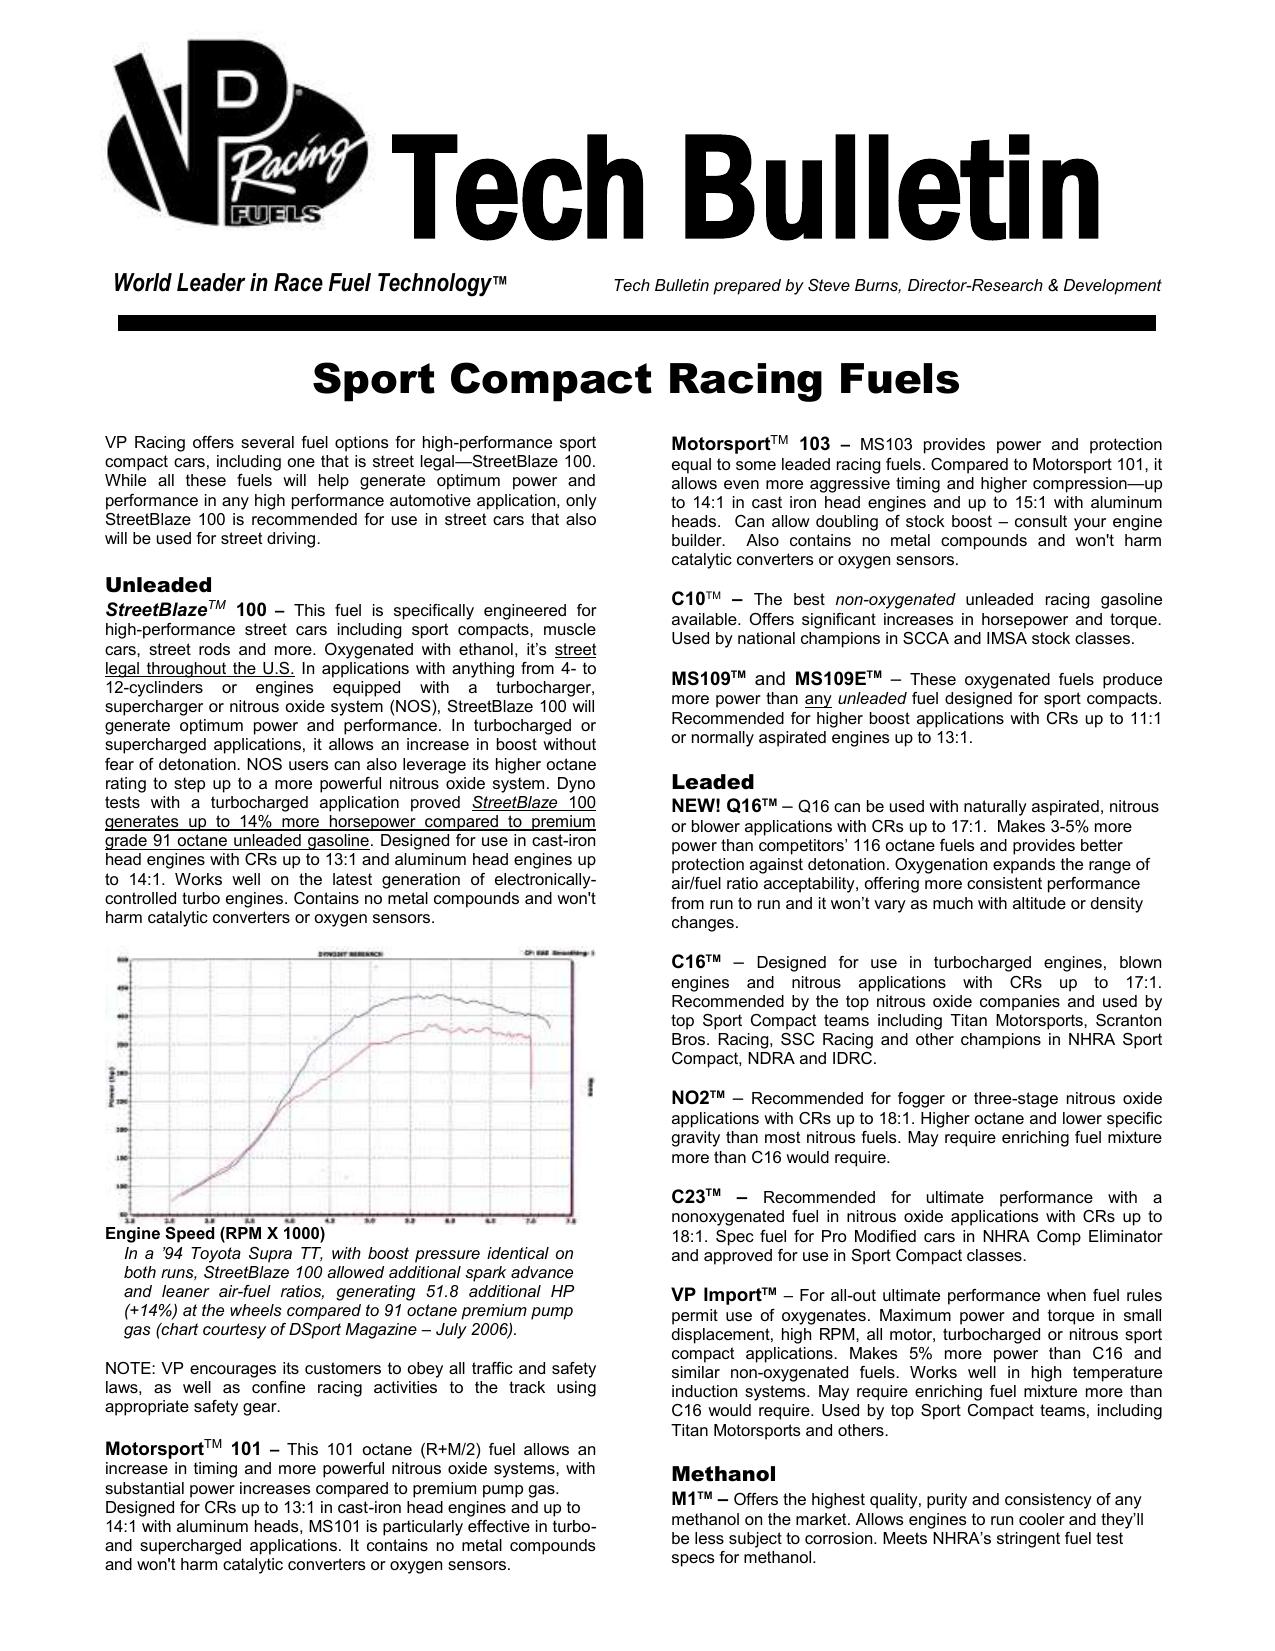 TechBulletin-Sportfuels doc